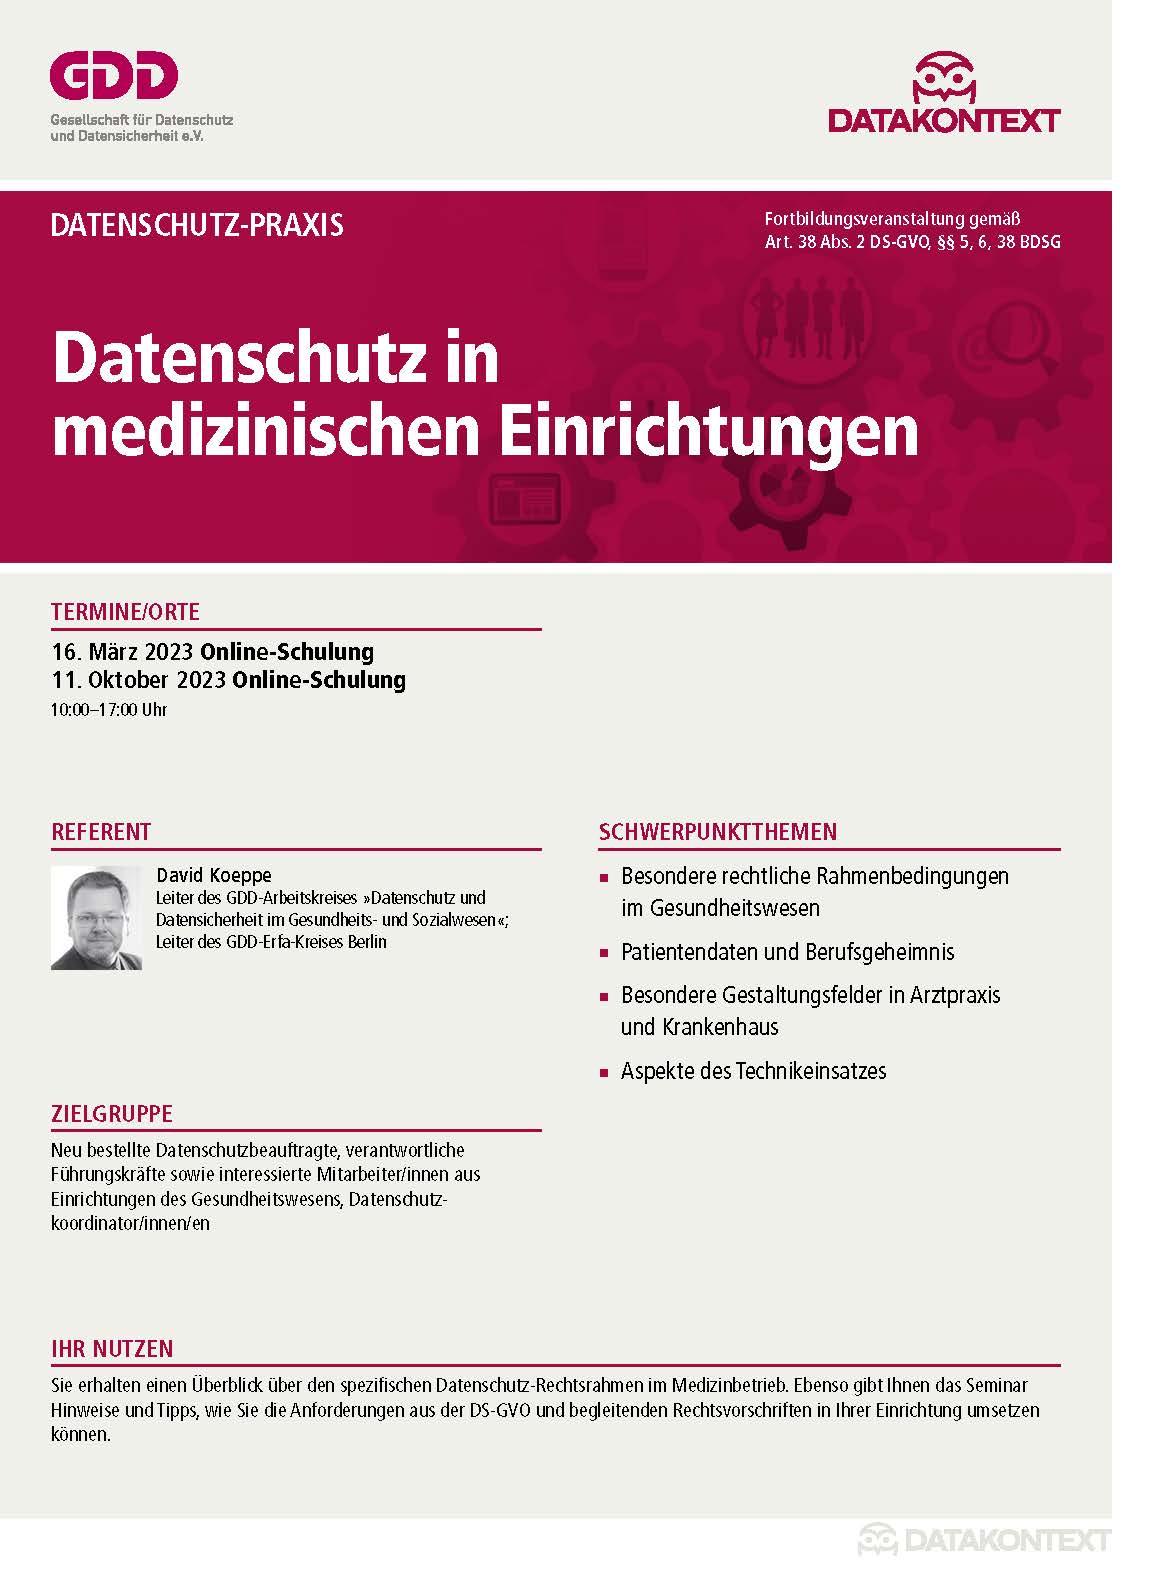 Datenschutz in medizinischen Einrichtungen